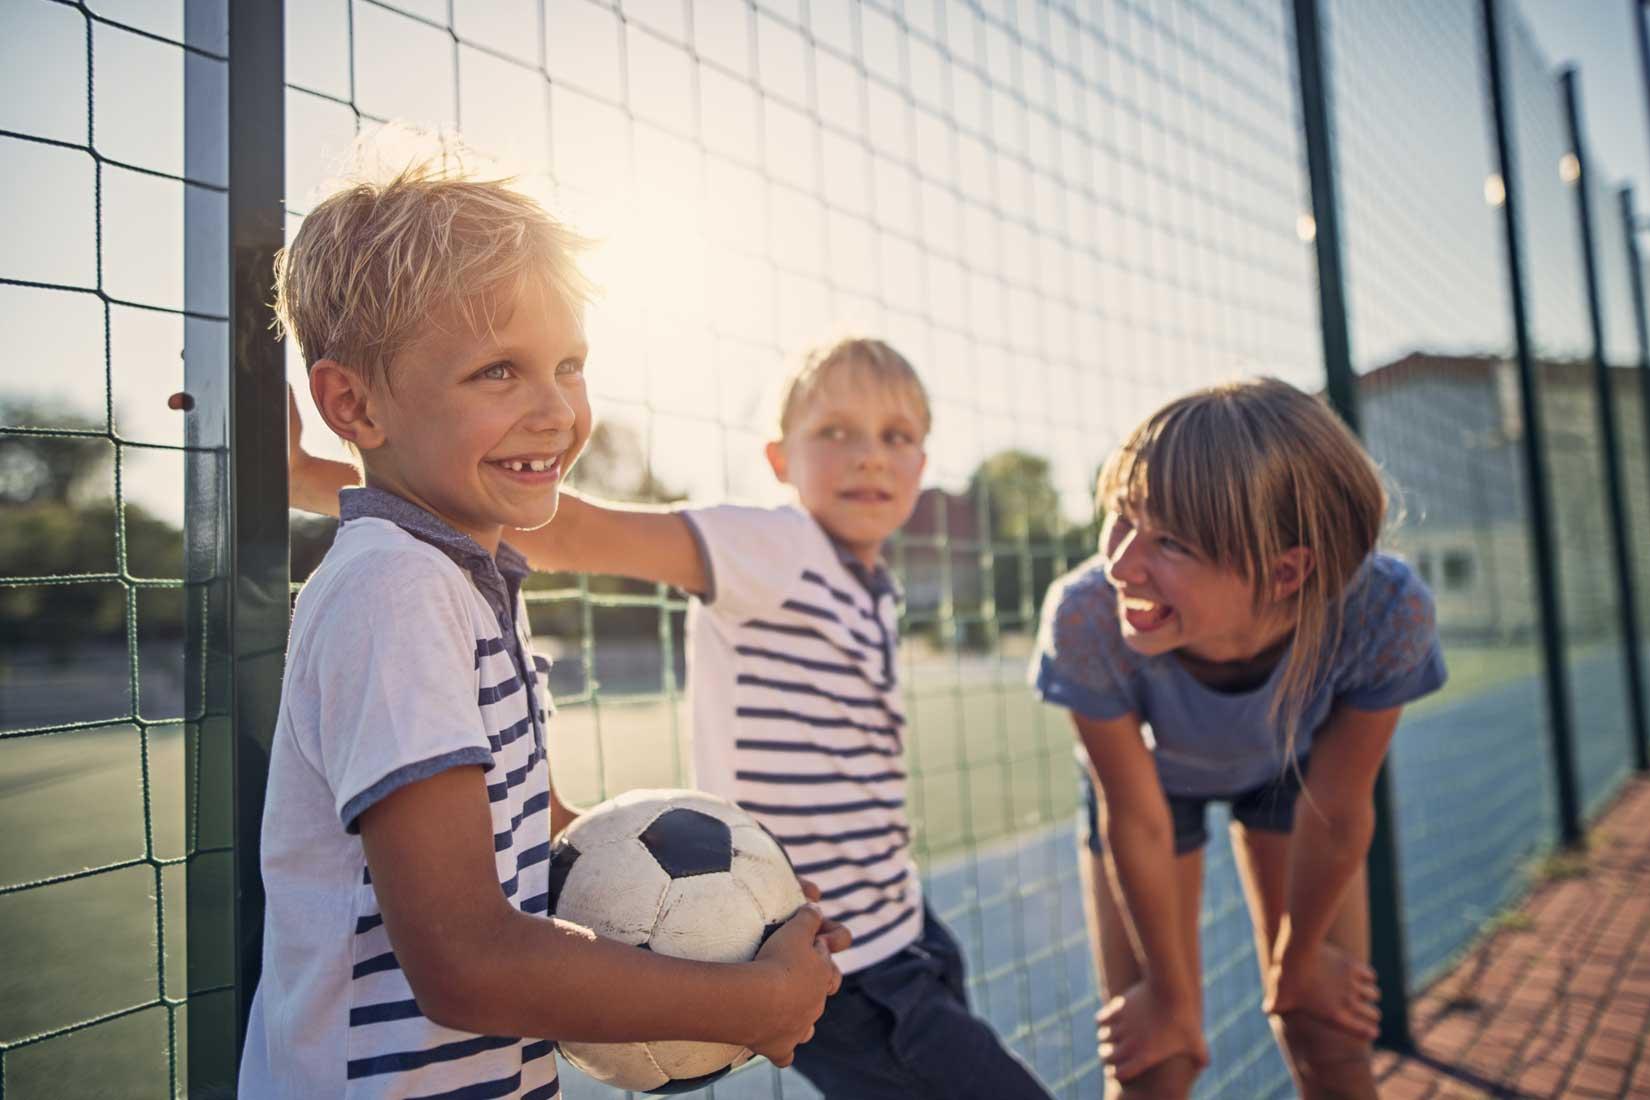 5 elementów, które możesz wprowadzić do swojego klubu, aby nauczyć pozytywnej rywalizacji